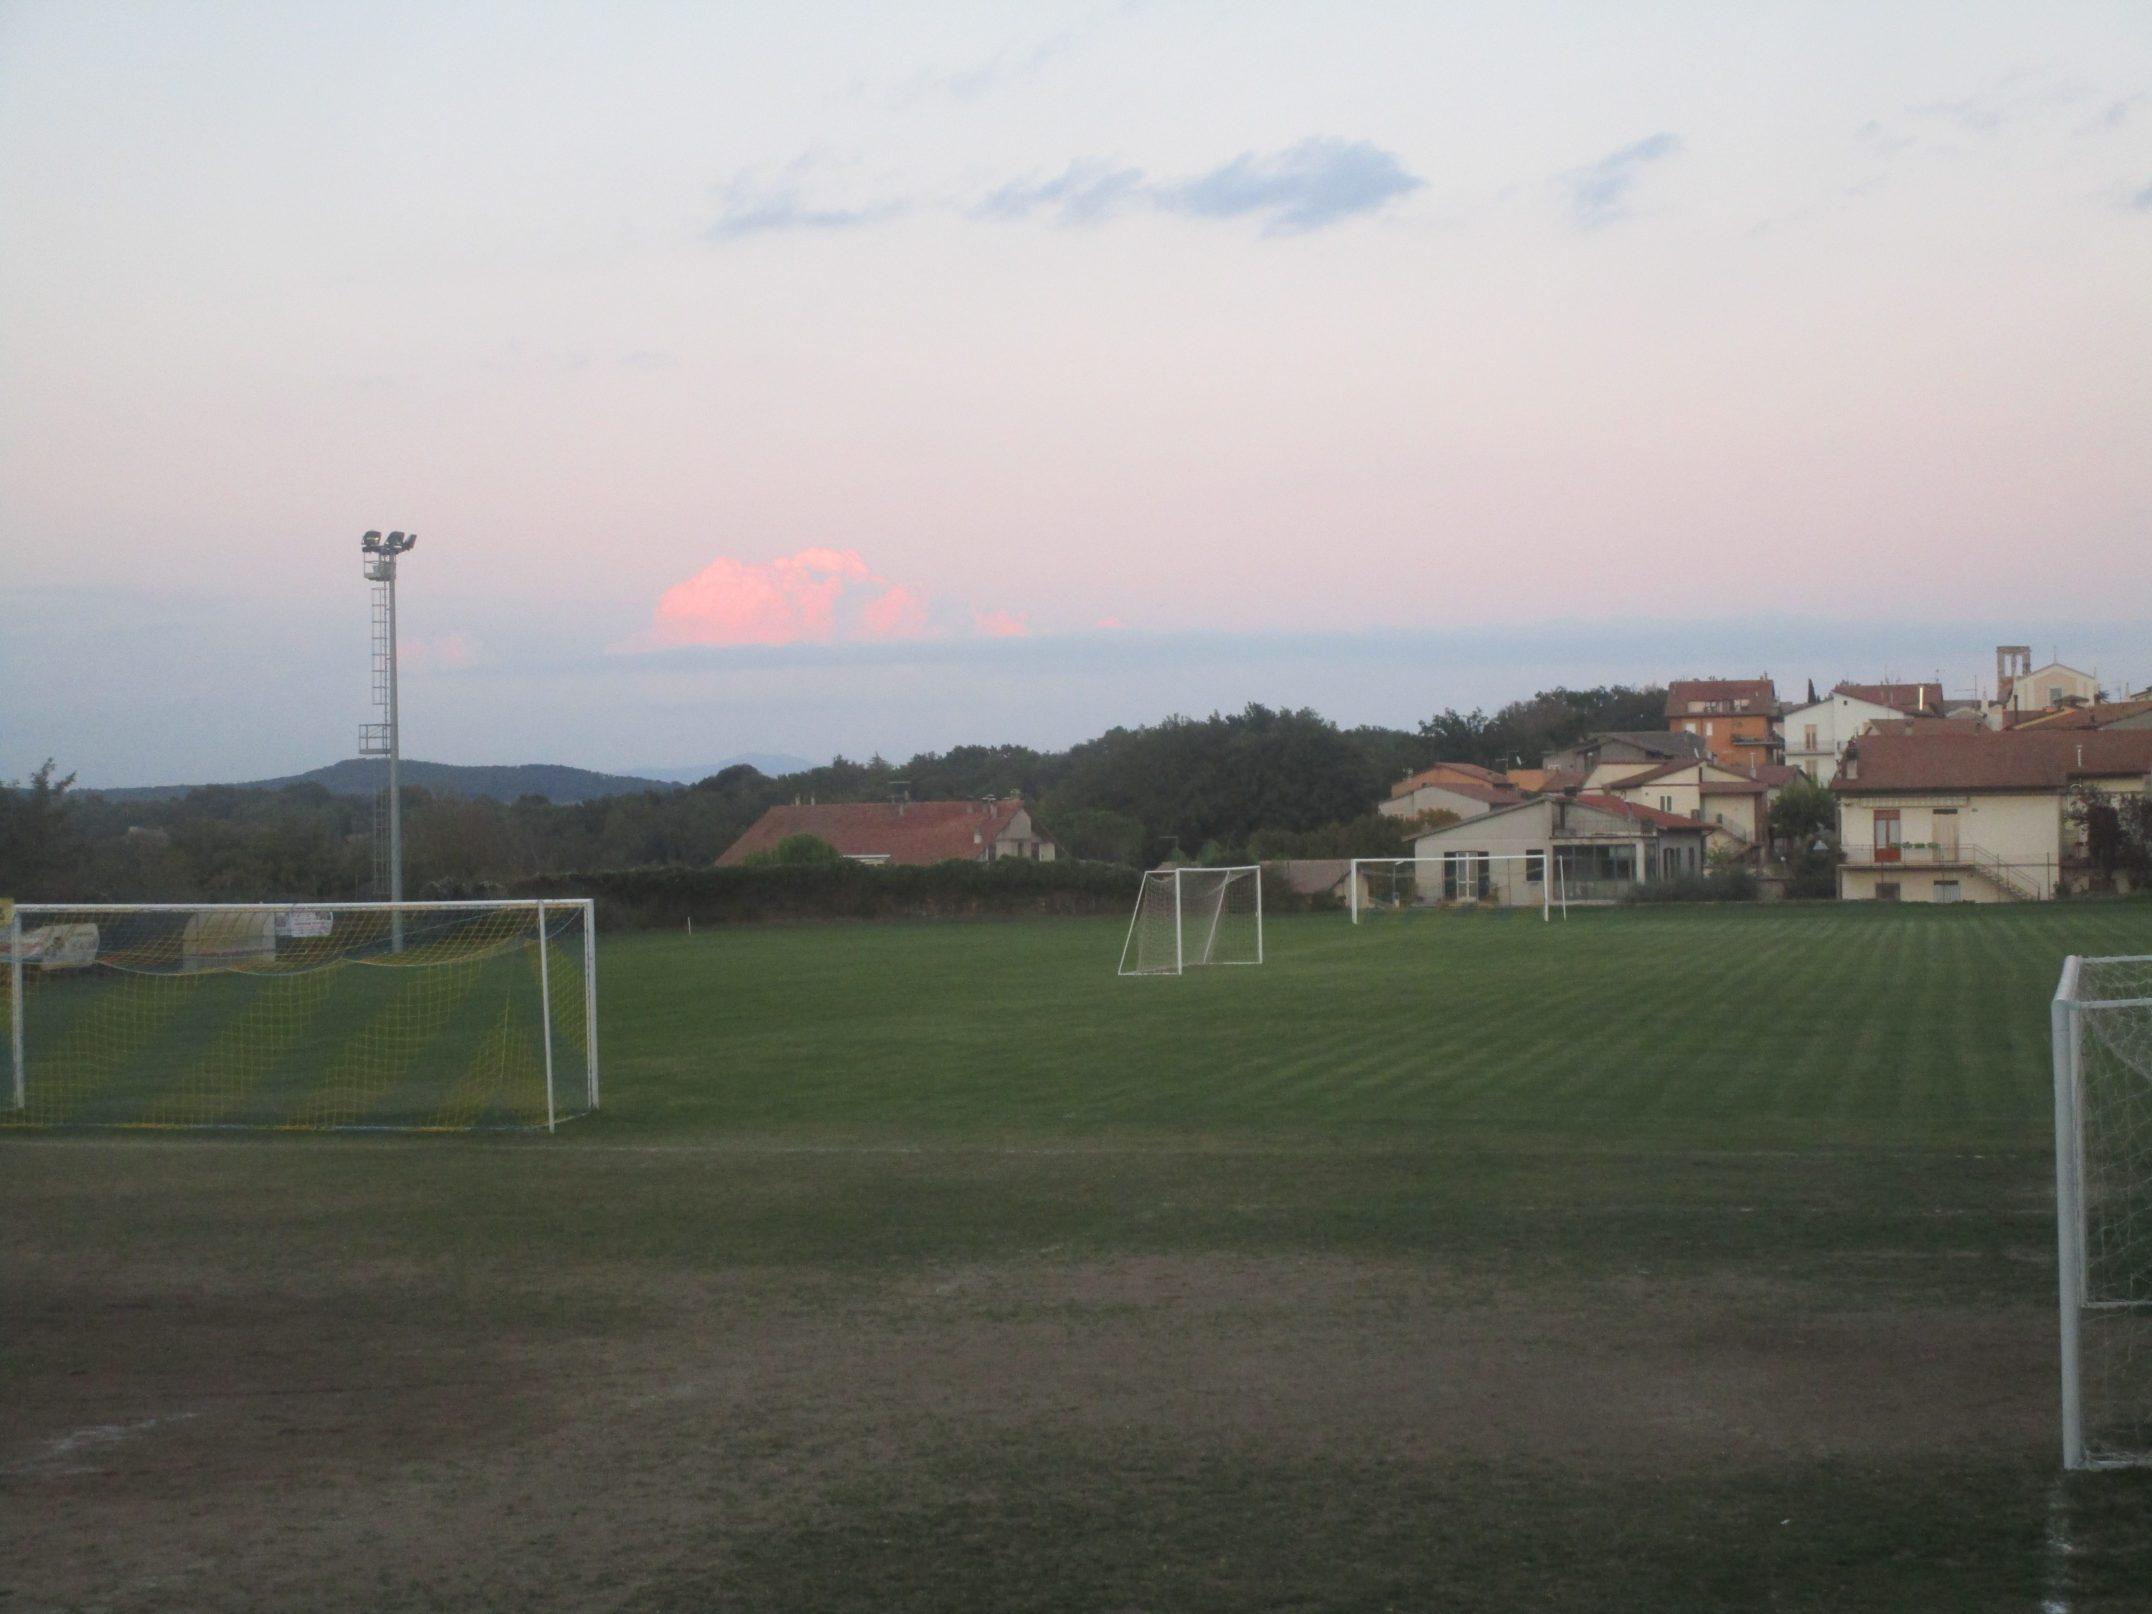 Coppa Promozione, Giove-Ellera 3-2 gialloblù beffati nel finale